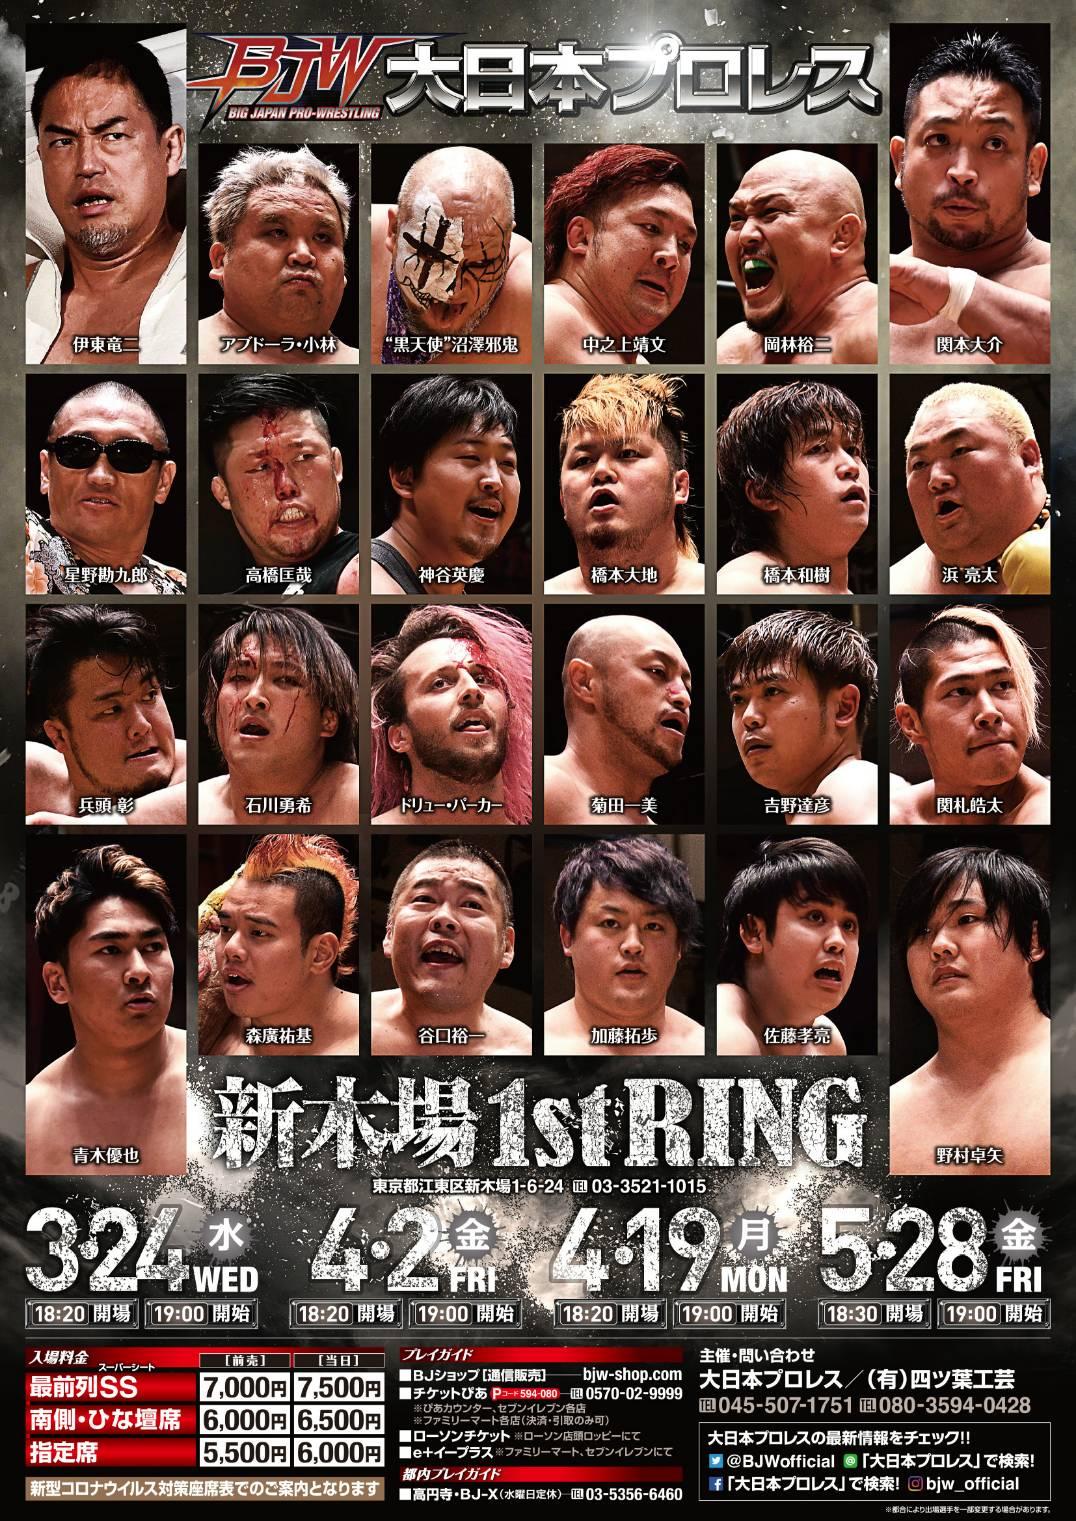 東京・新木場1stRING大会